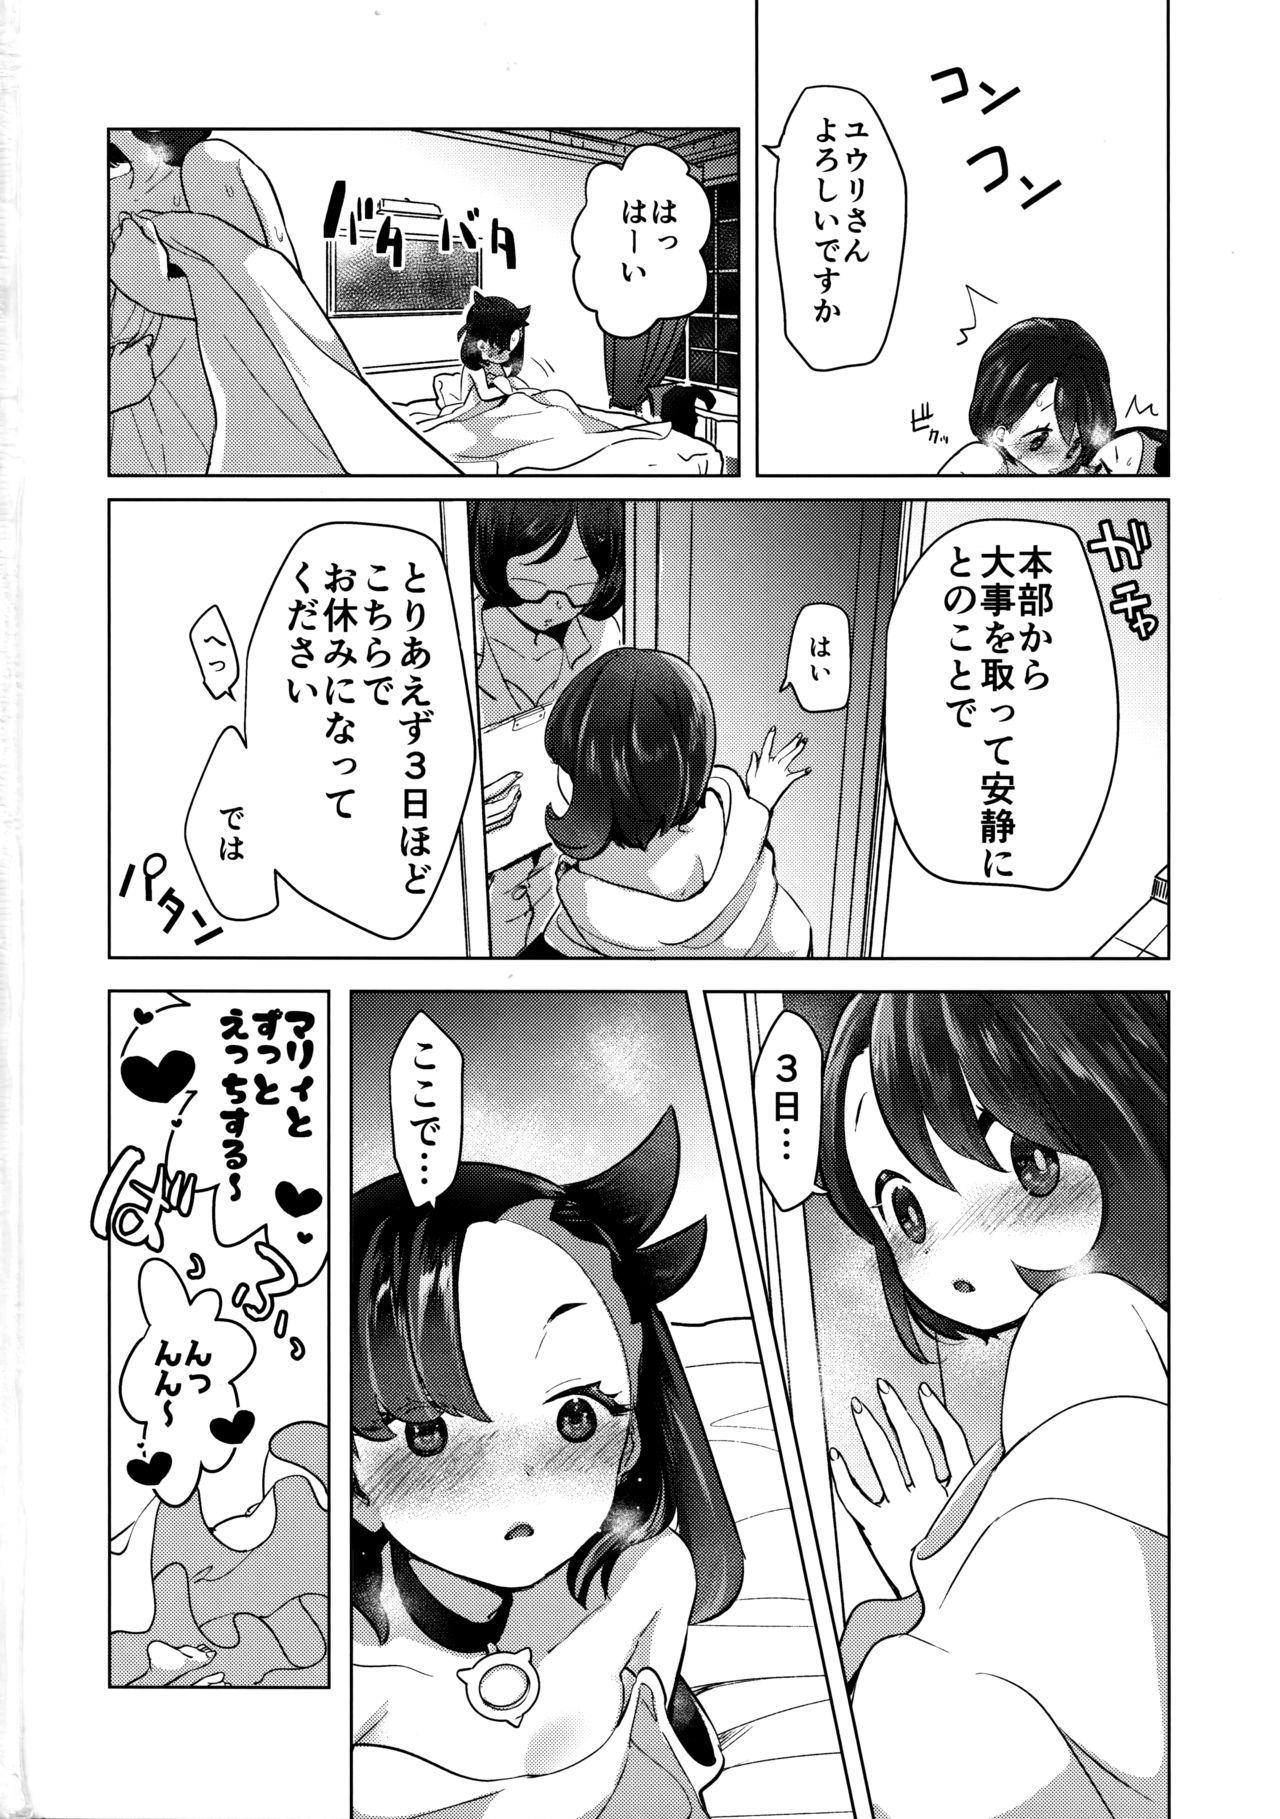 Marnie wa Yuuri kara Amai Ringo o Futatsu Moraimashita. 24